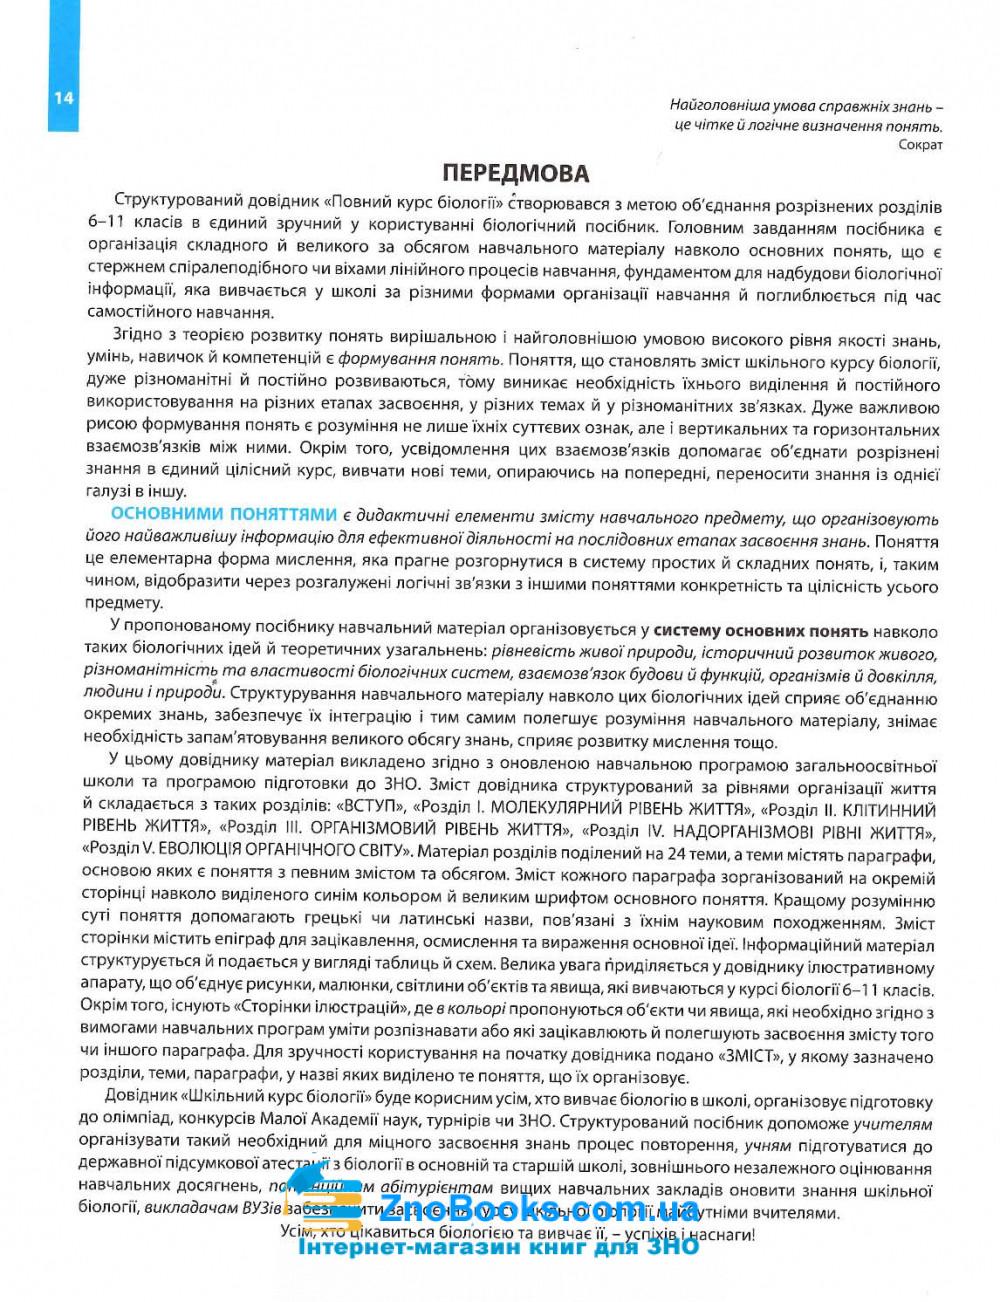 Довідник Соболь В. Повний курс біології для підготовки до ЗНО та ДПА 2021. 8